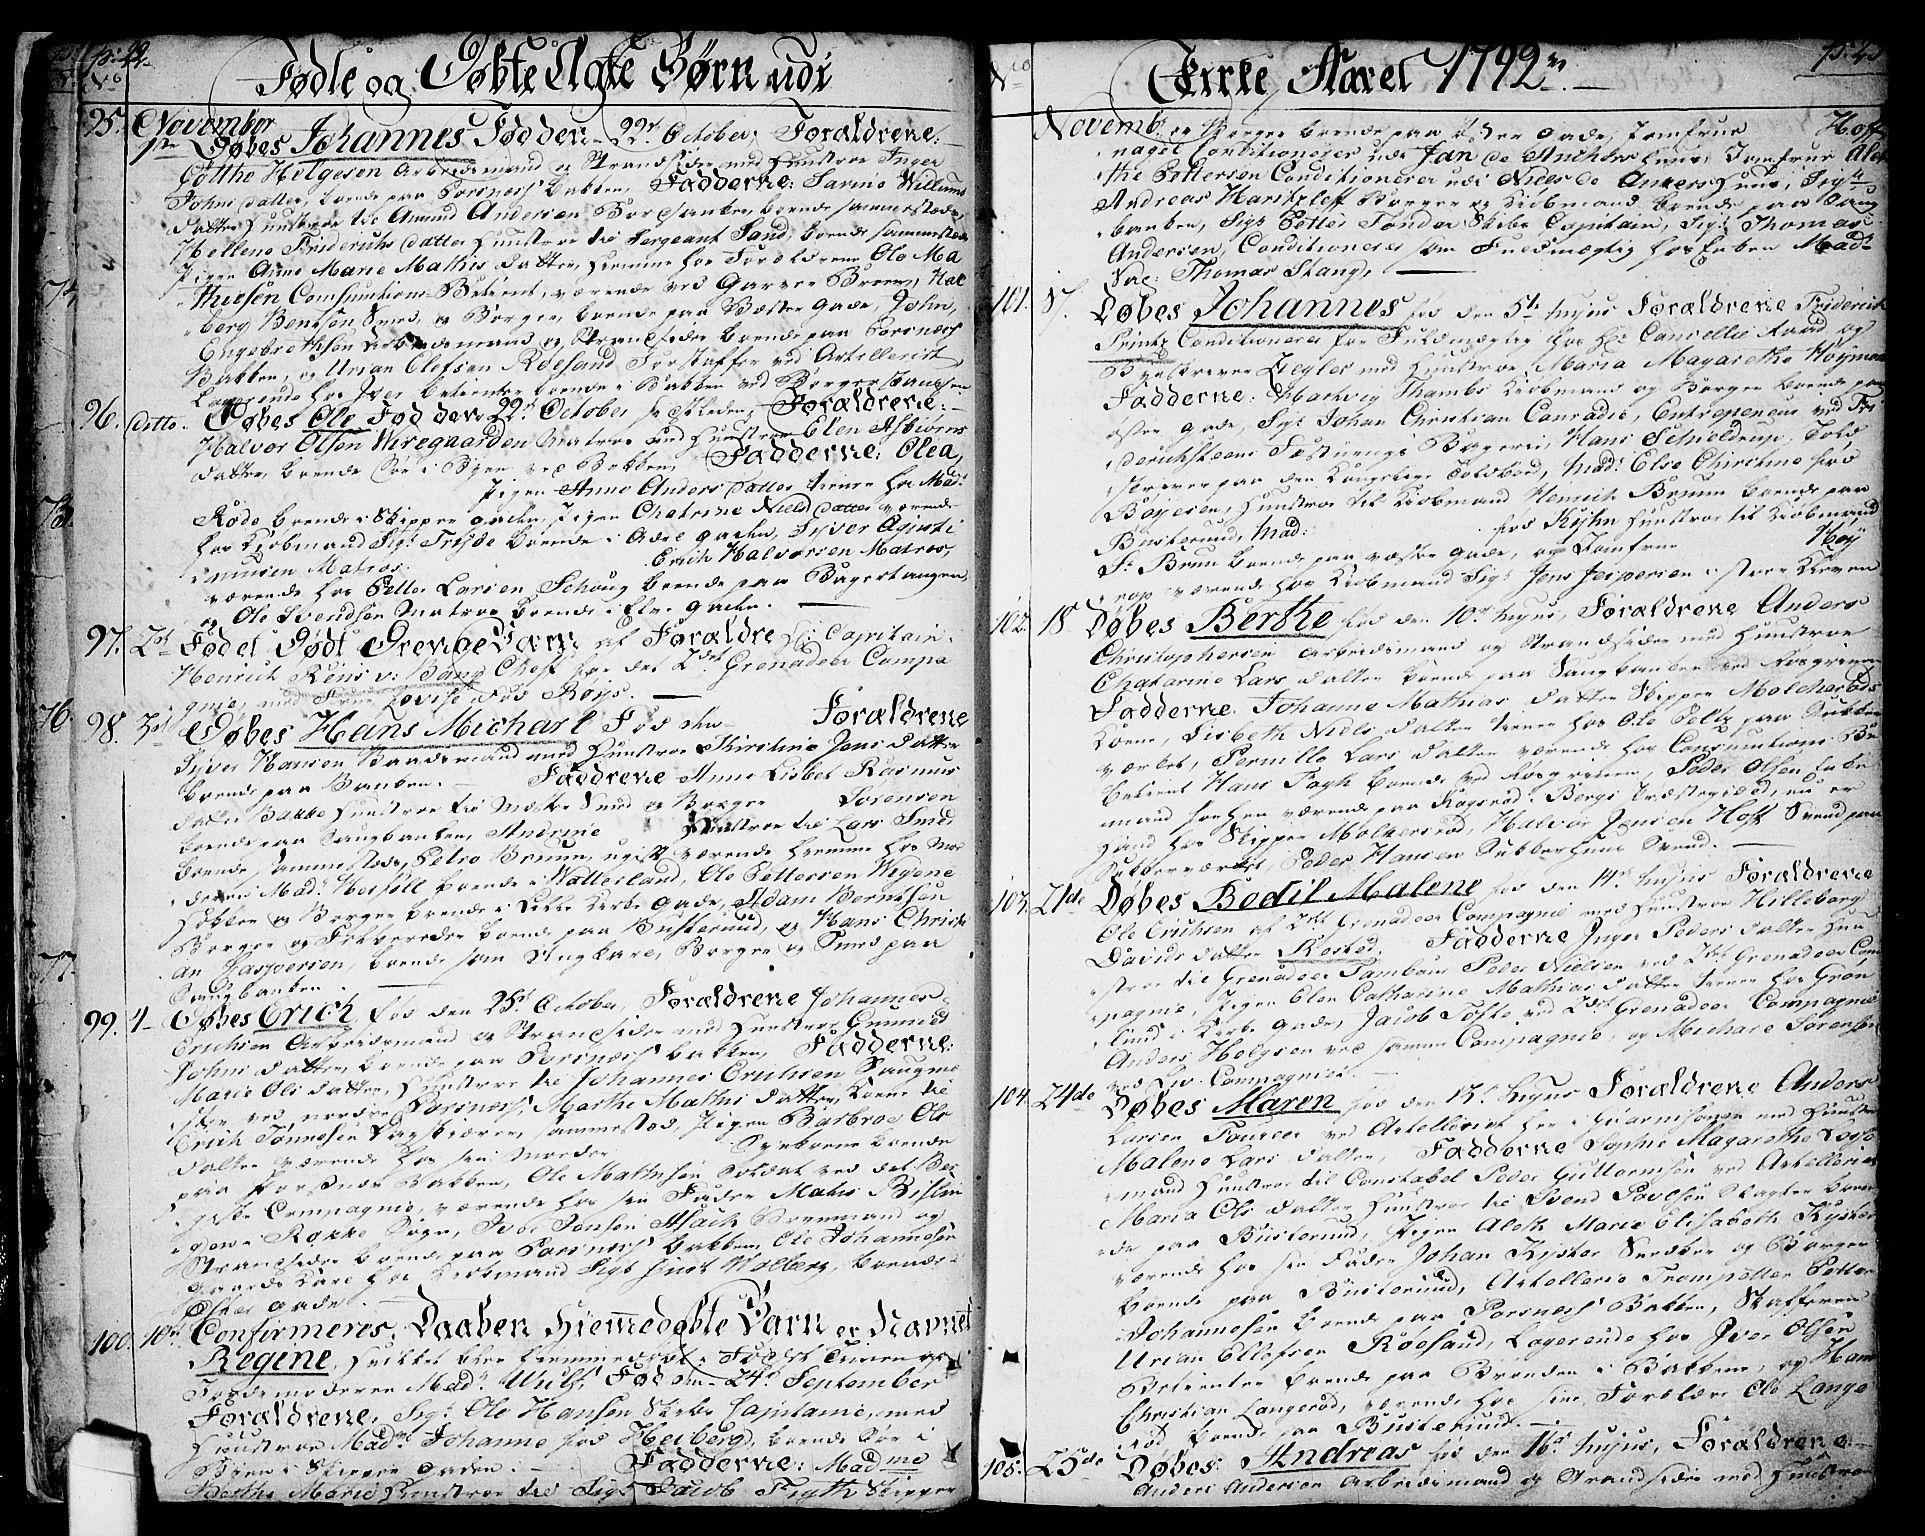 SAO, Halden prestekontor Kirkebøker, F/Fa/L0002: Ministerialbok nr. I 2, 1792-1812, s. 22-23